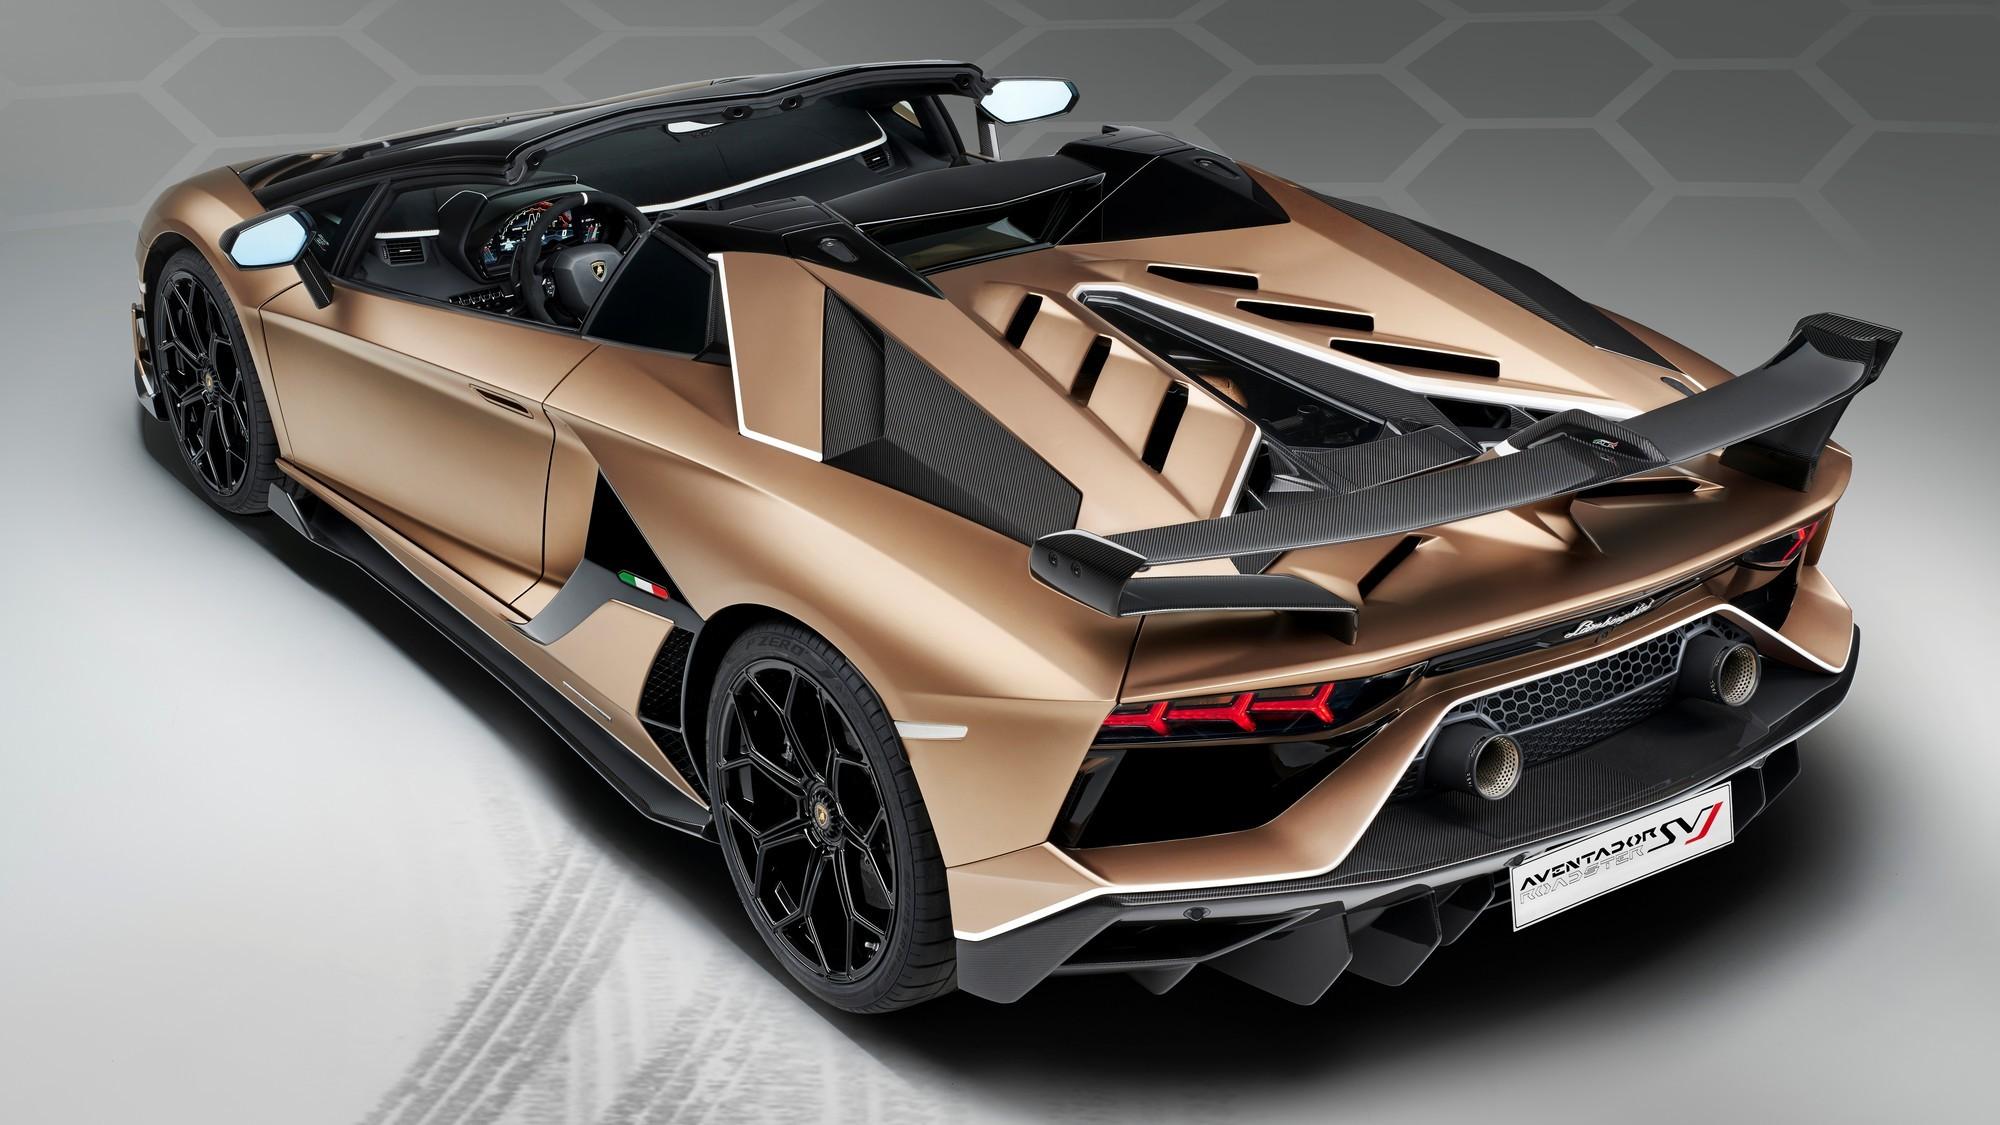 Главная скрепа: наследник Lamborghini Aventador сохранит атмосферный V12